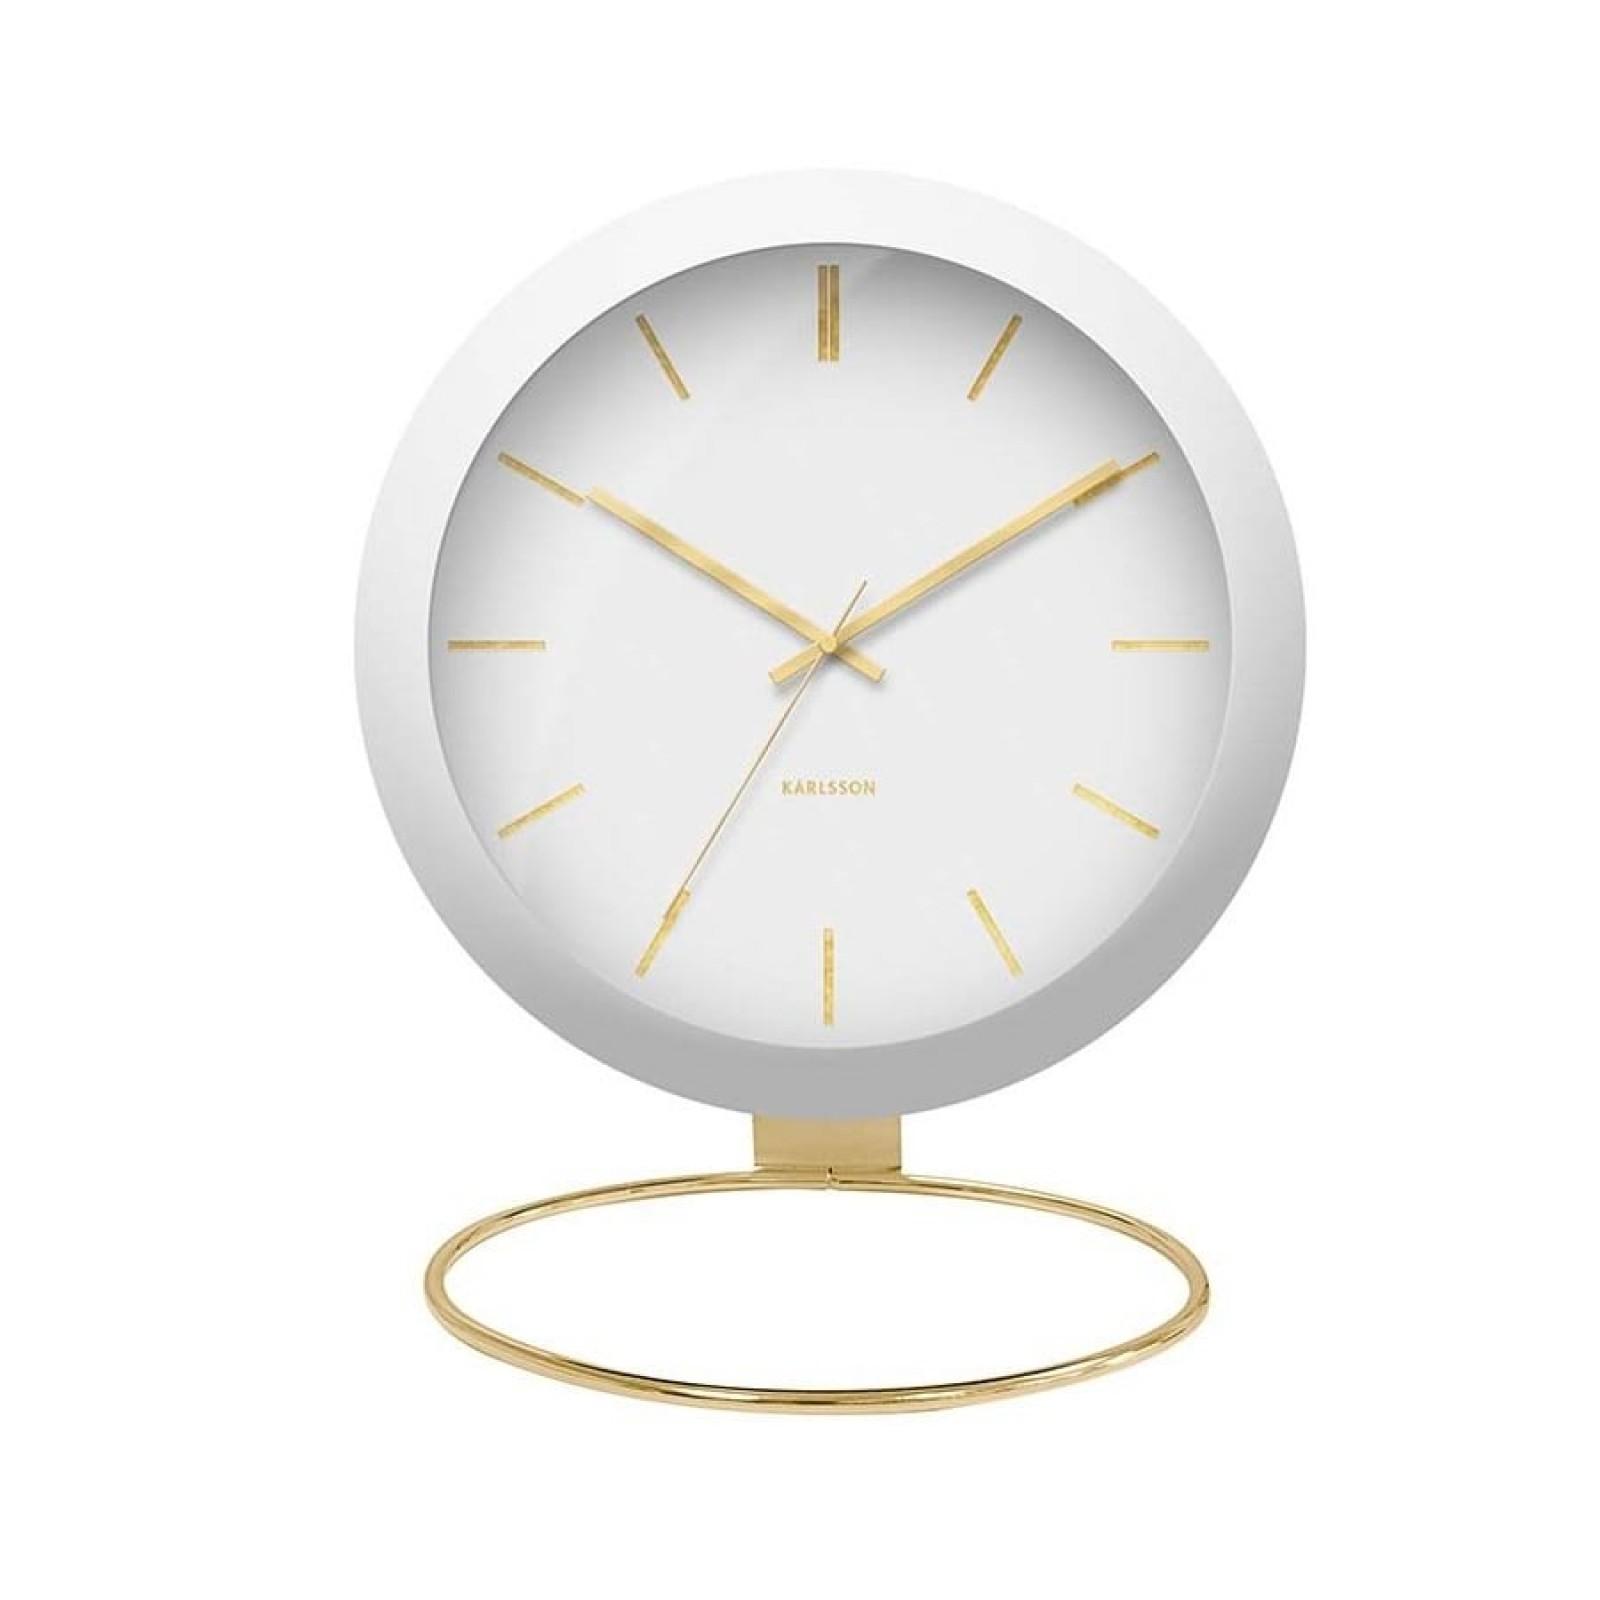 Επιτραπέζιο / Επιτοίχιο Ρολόι Globe (Λευκό) - Karlsson